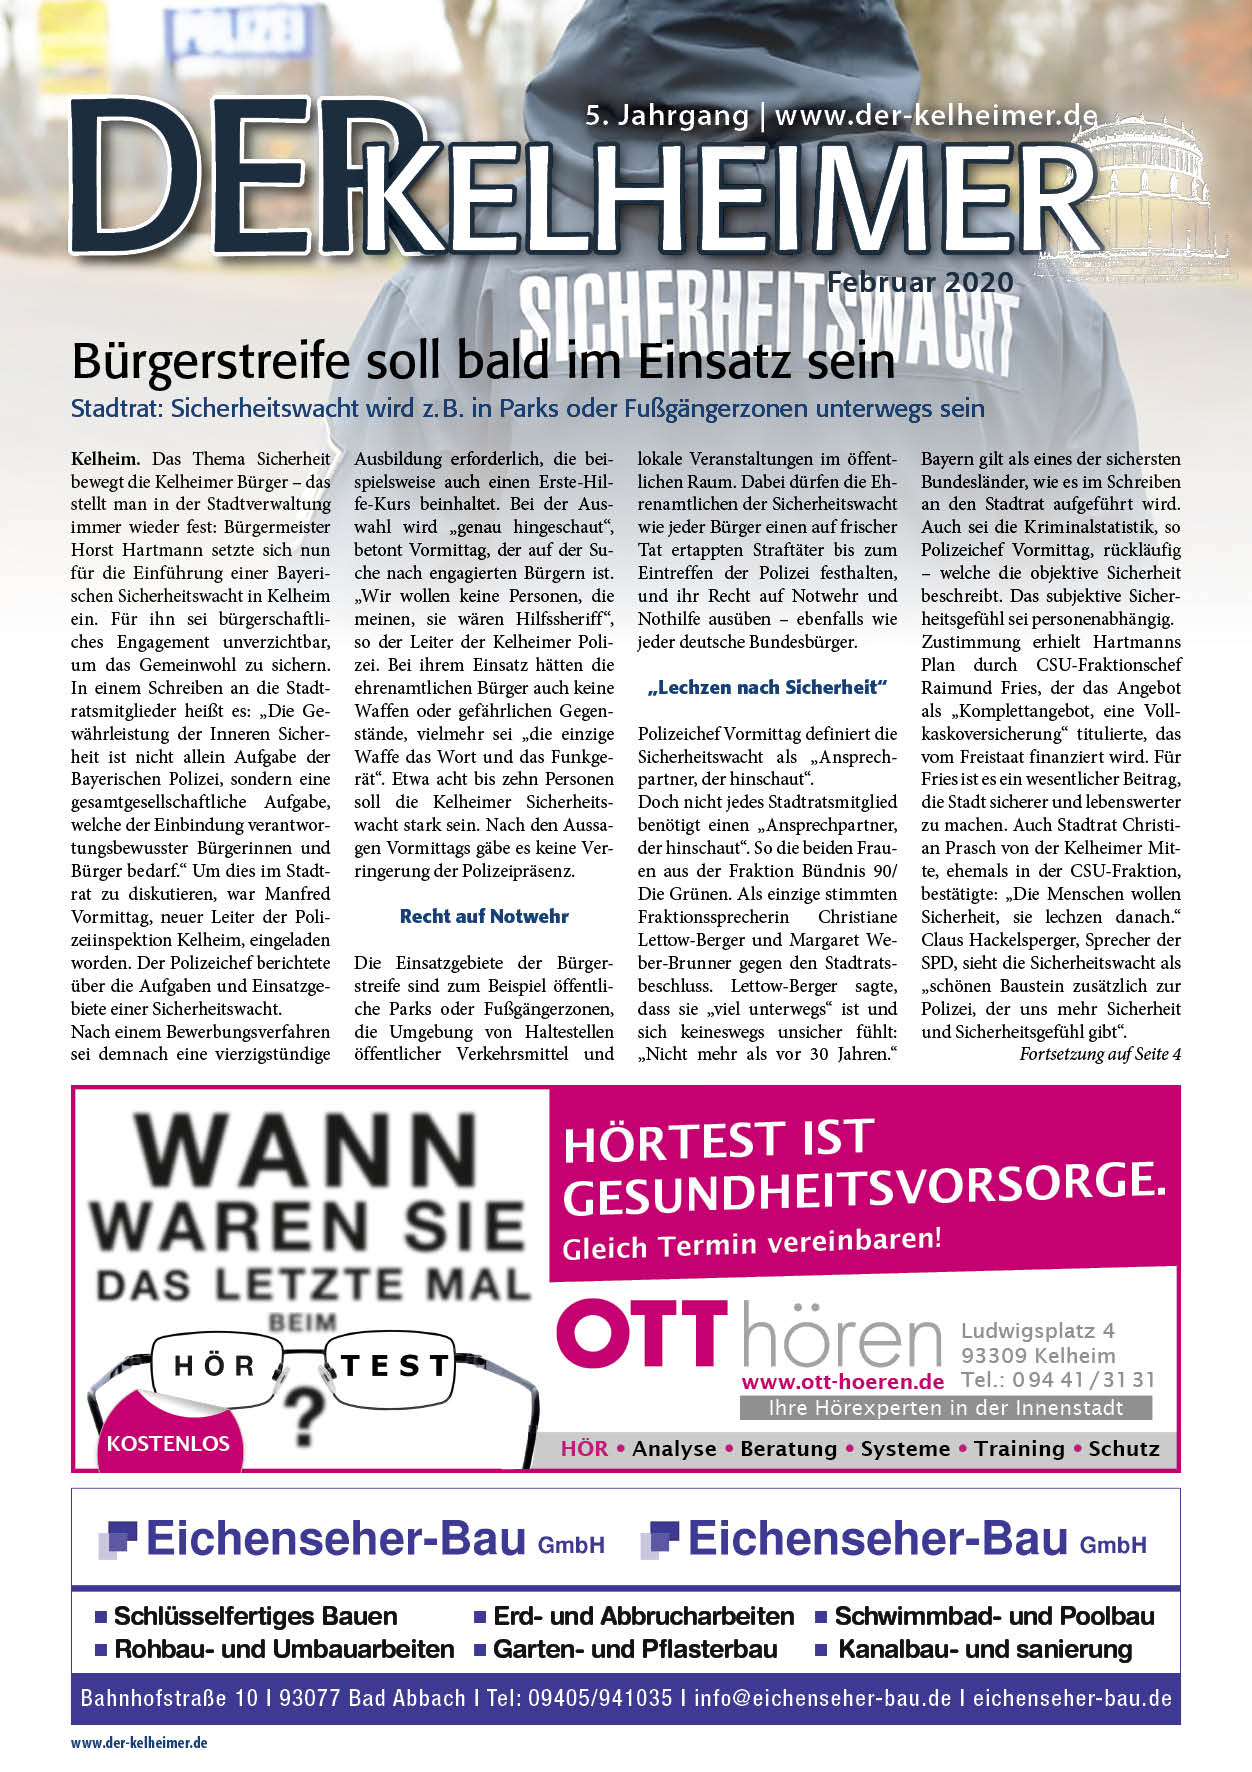 Der-Kelheimer_2020-02